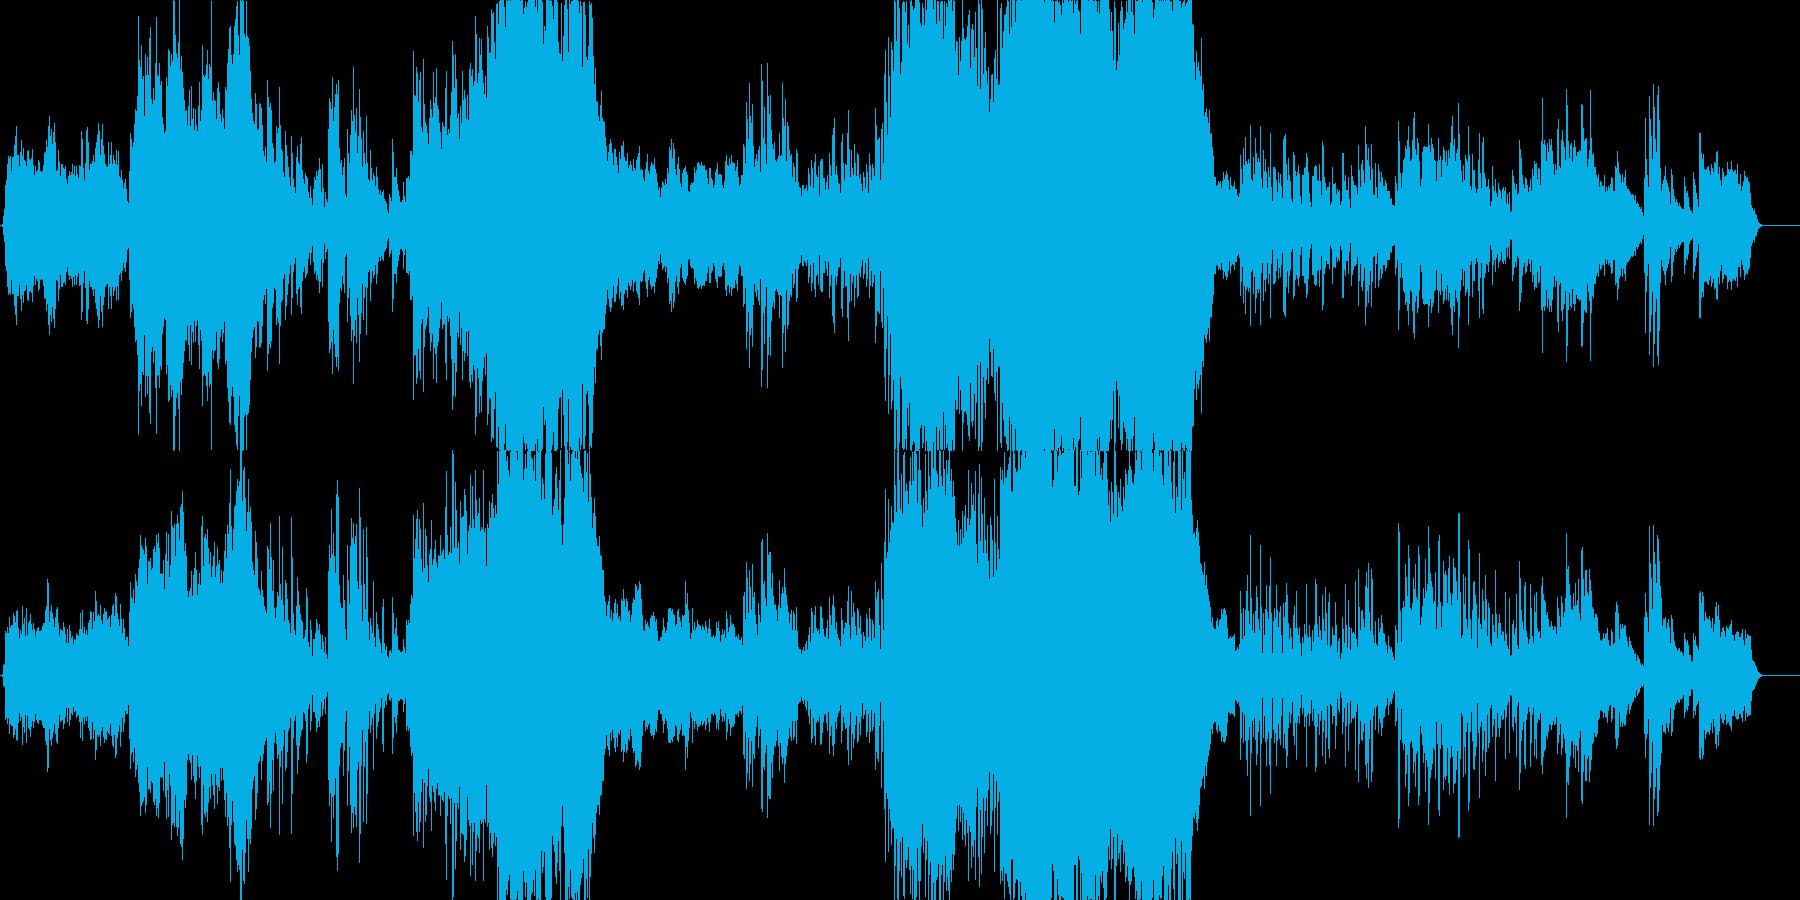 ドラマティックで感動的ピアノコンチェルトの再生済みの波形